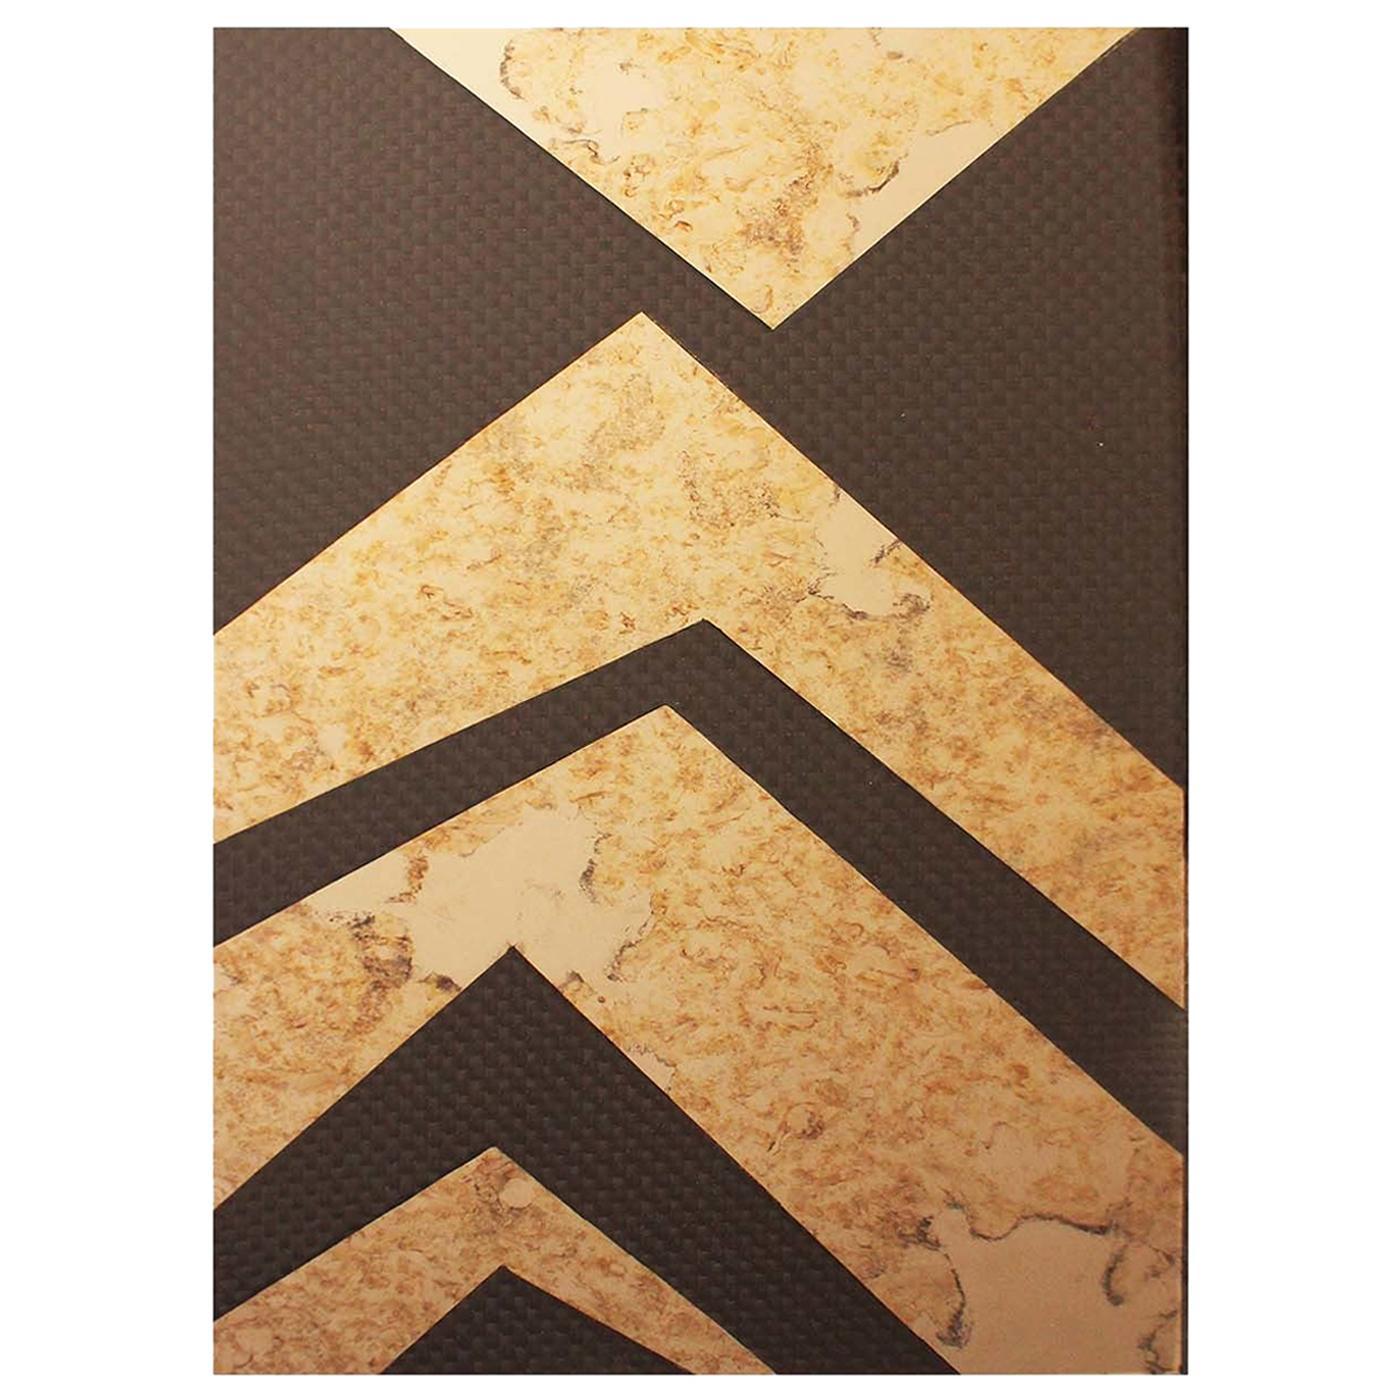 Carbon-02 Decorative Panel